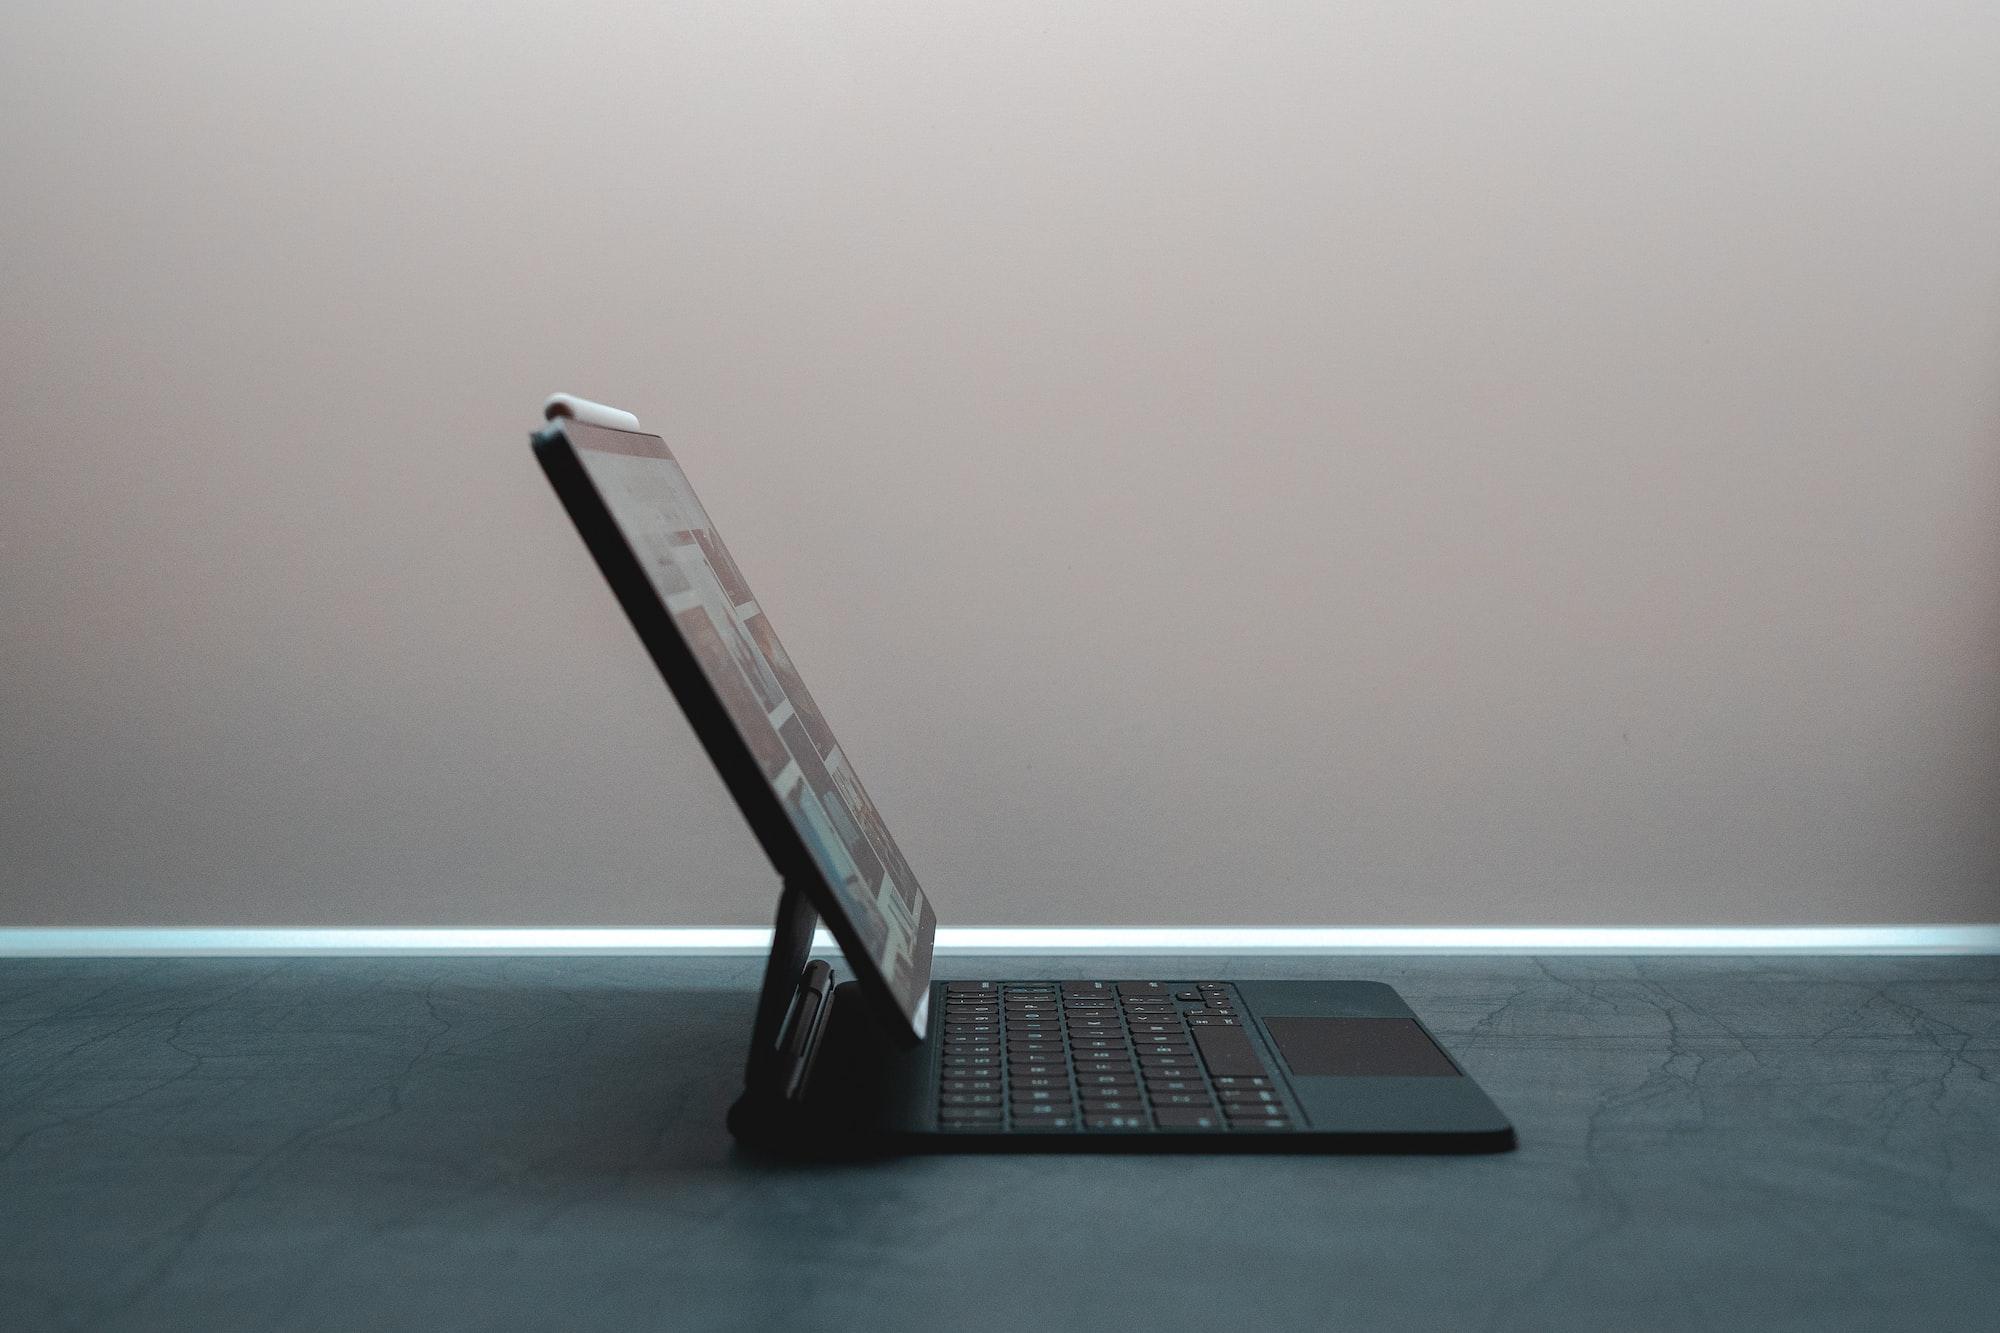 True test of the iPad